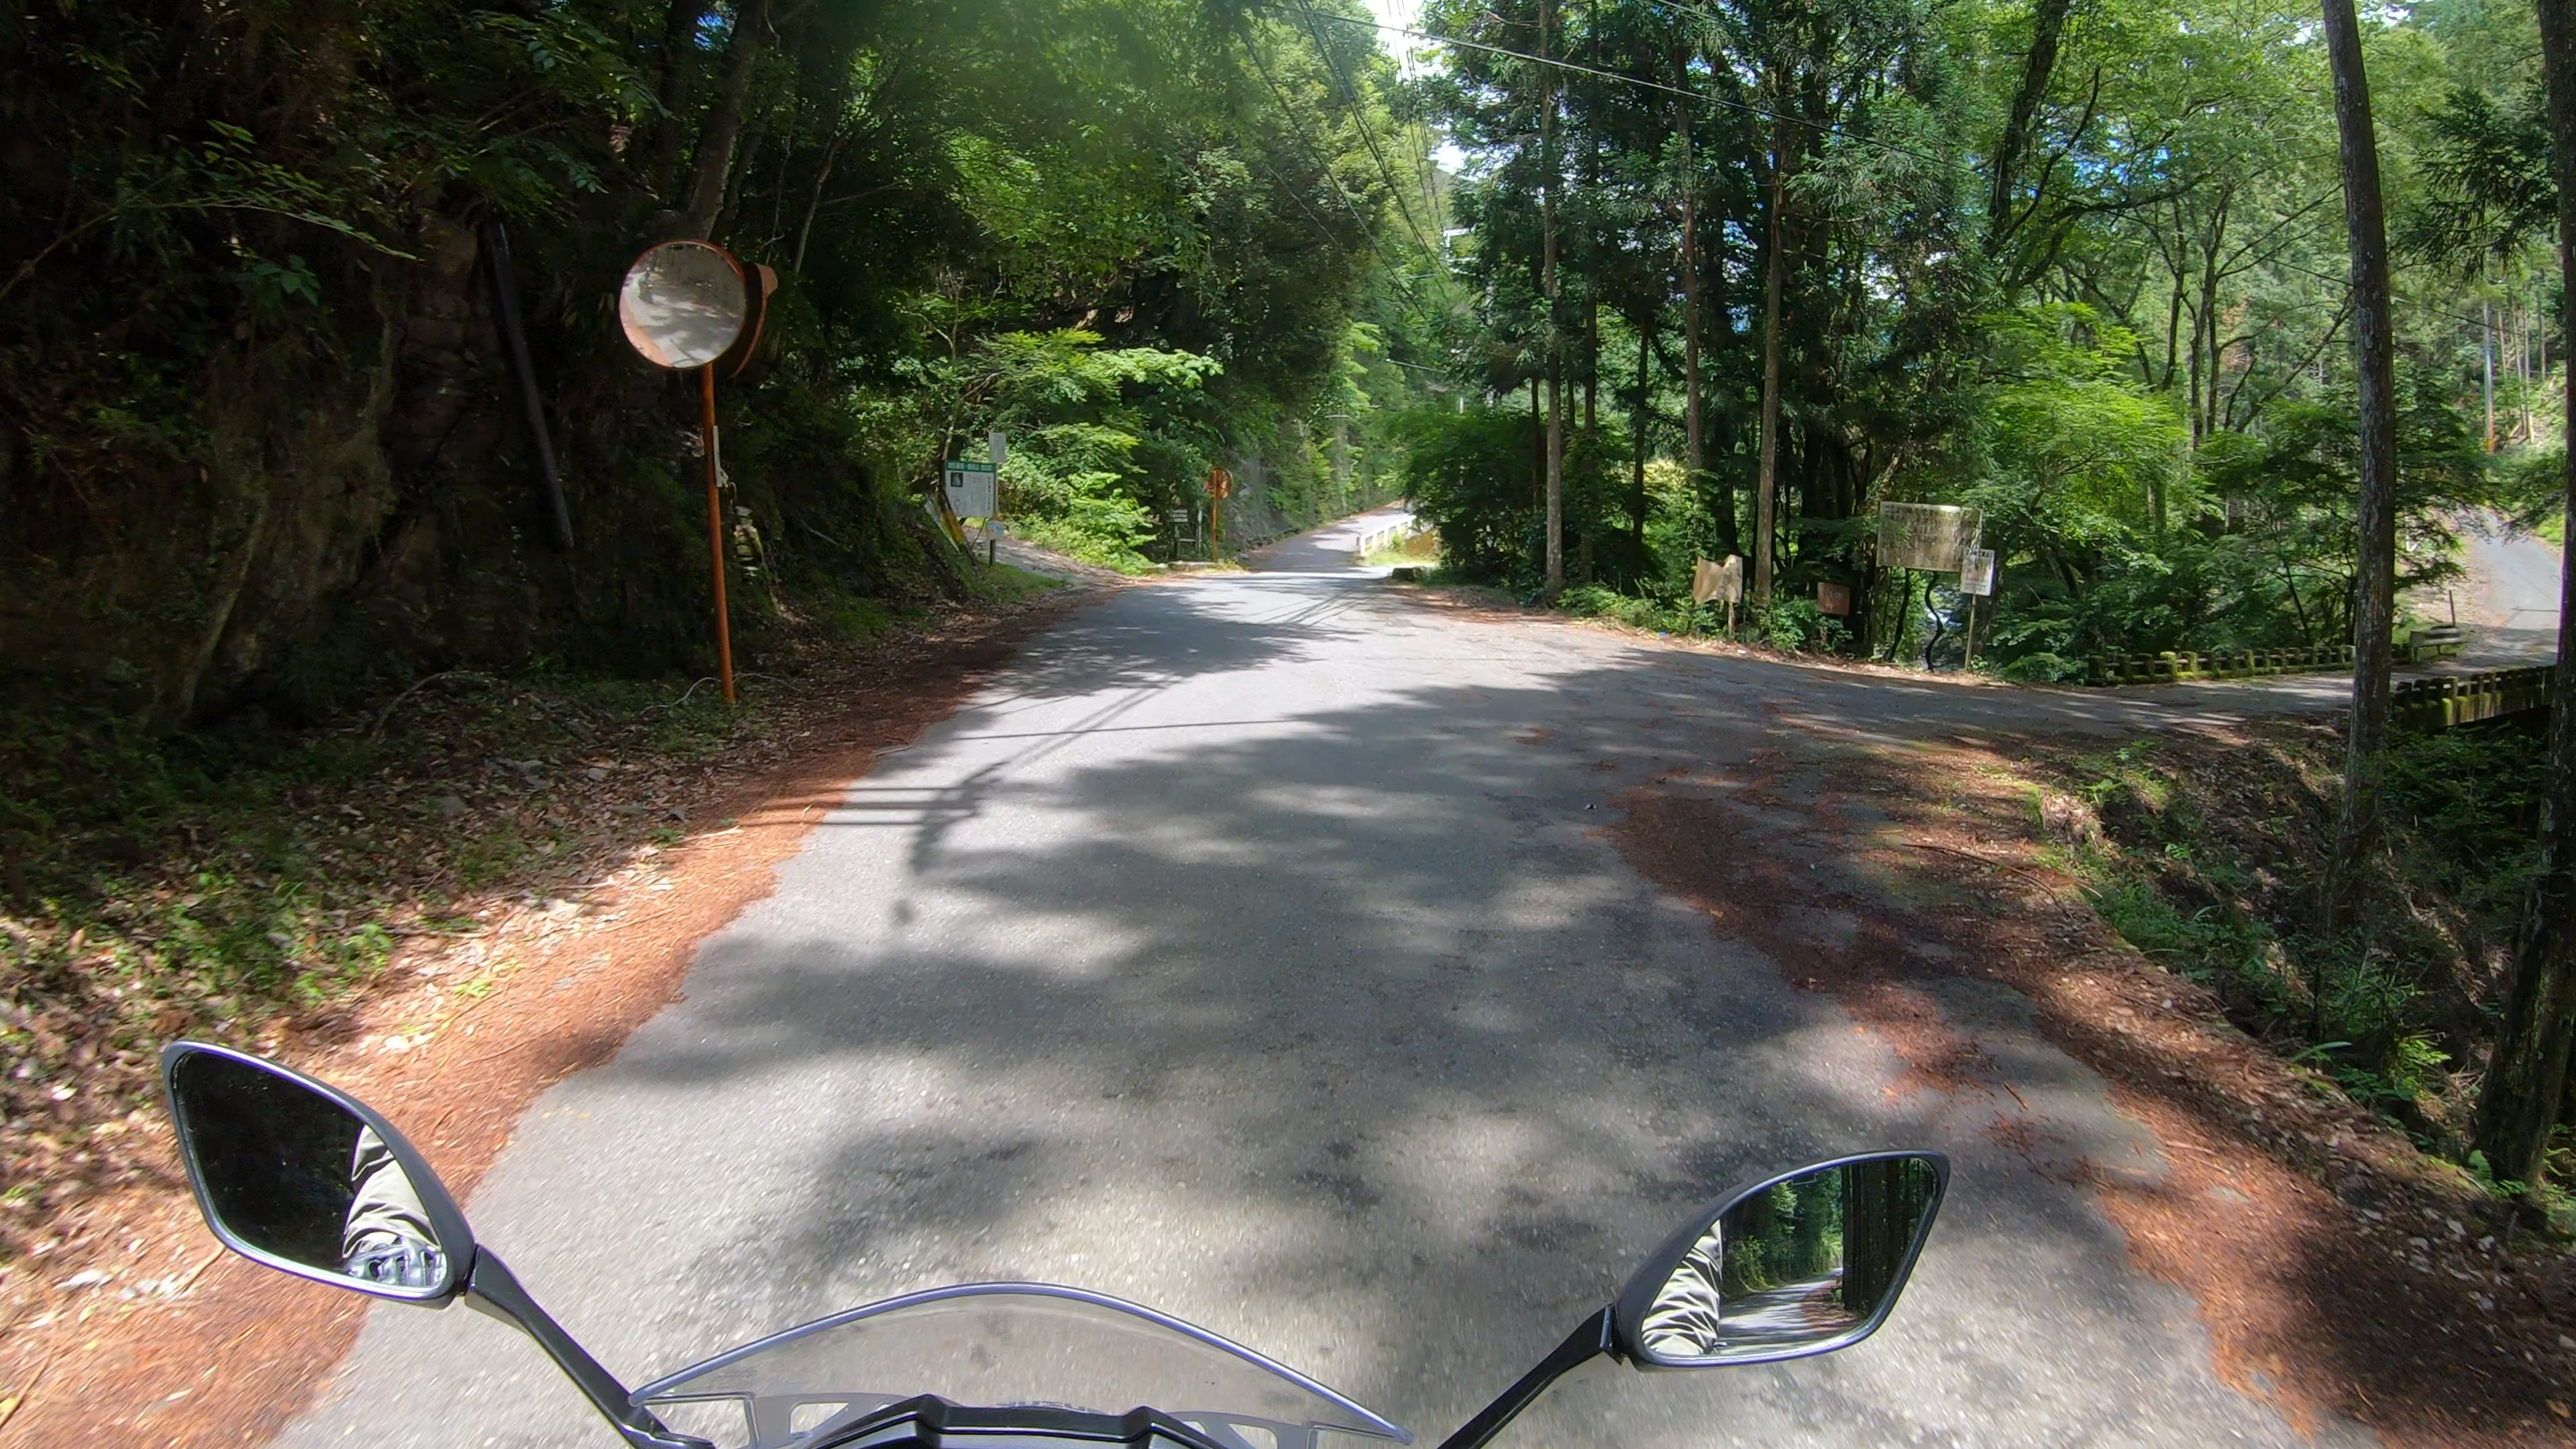 GX012413-1 奈良県  和佐羅滝 ( 奈良県の夏、新緑の時期におすすめの滝写真スポット・アクセス情報や撮影ポイントなど!)